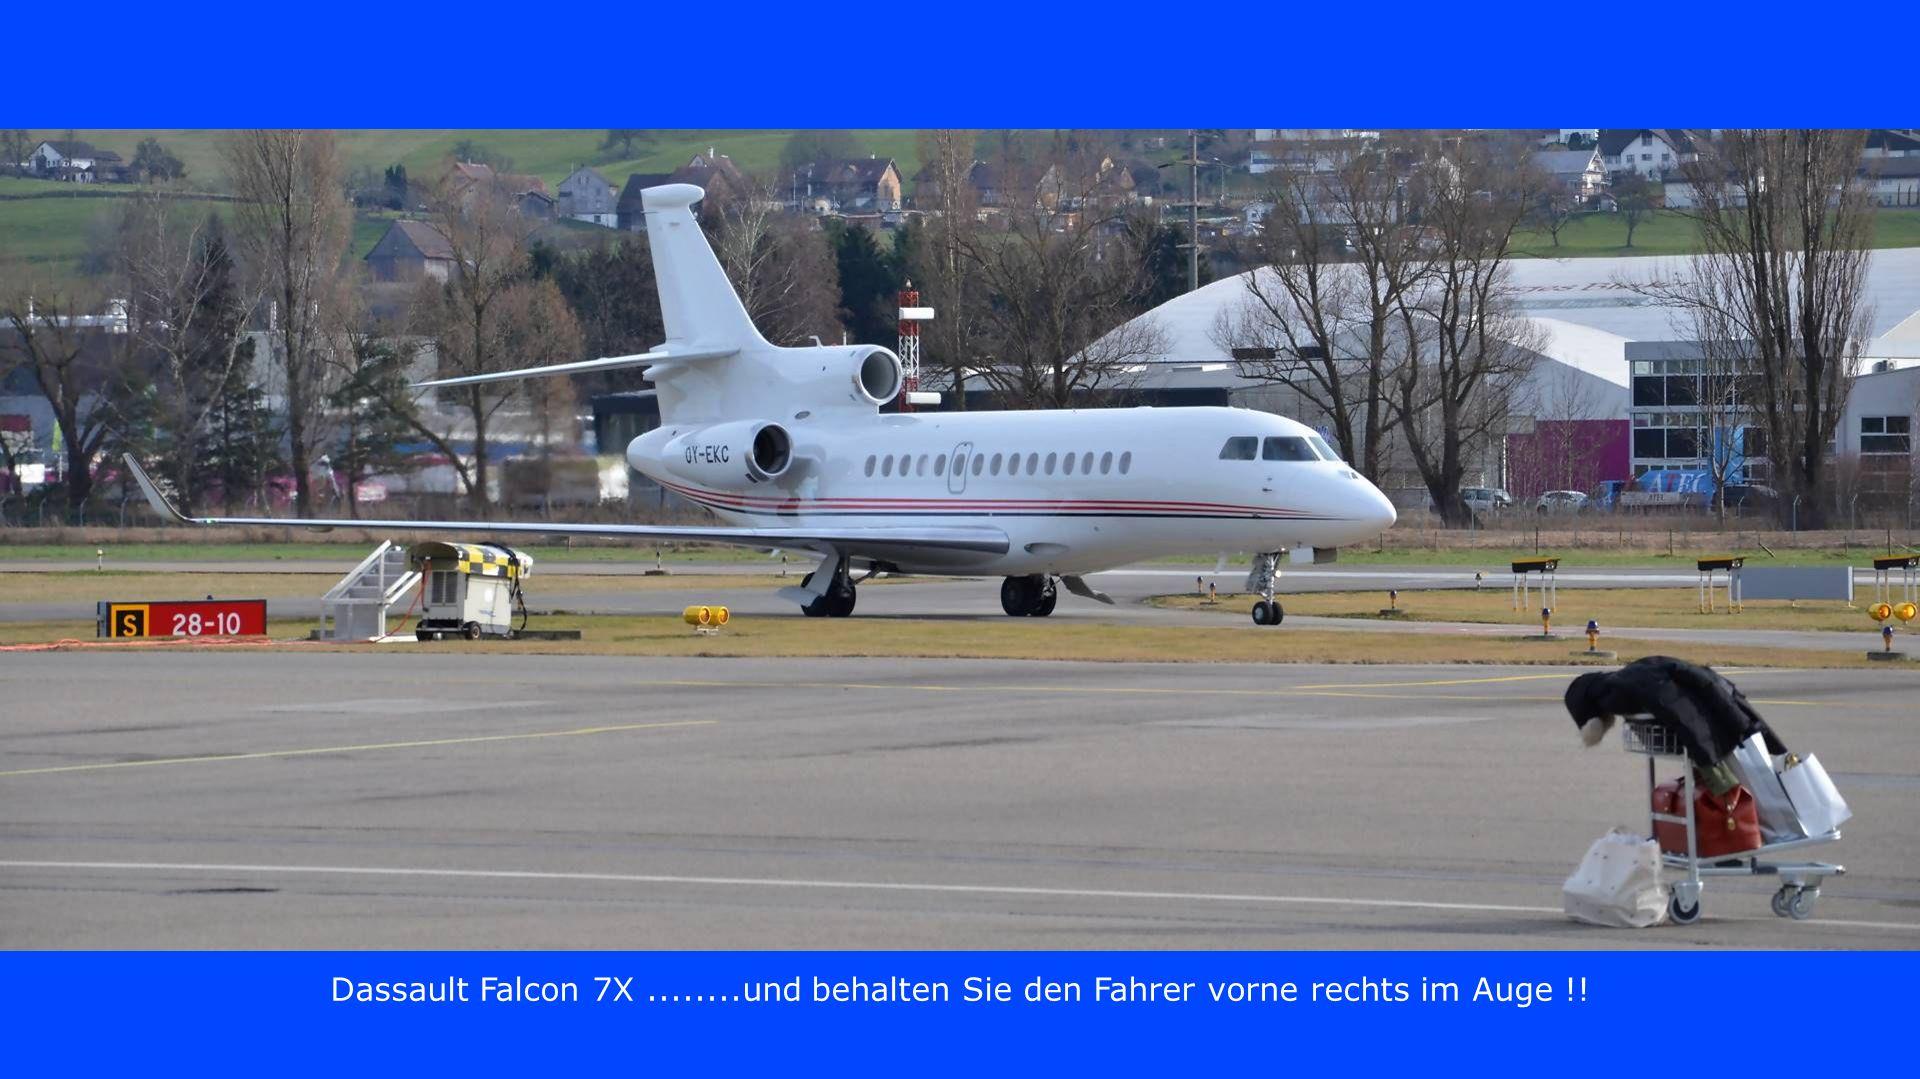 Dassault Falcon 7X........und behalten Sie den Fahrer vorne rechts im Auge !!